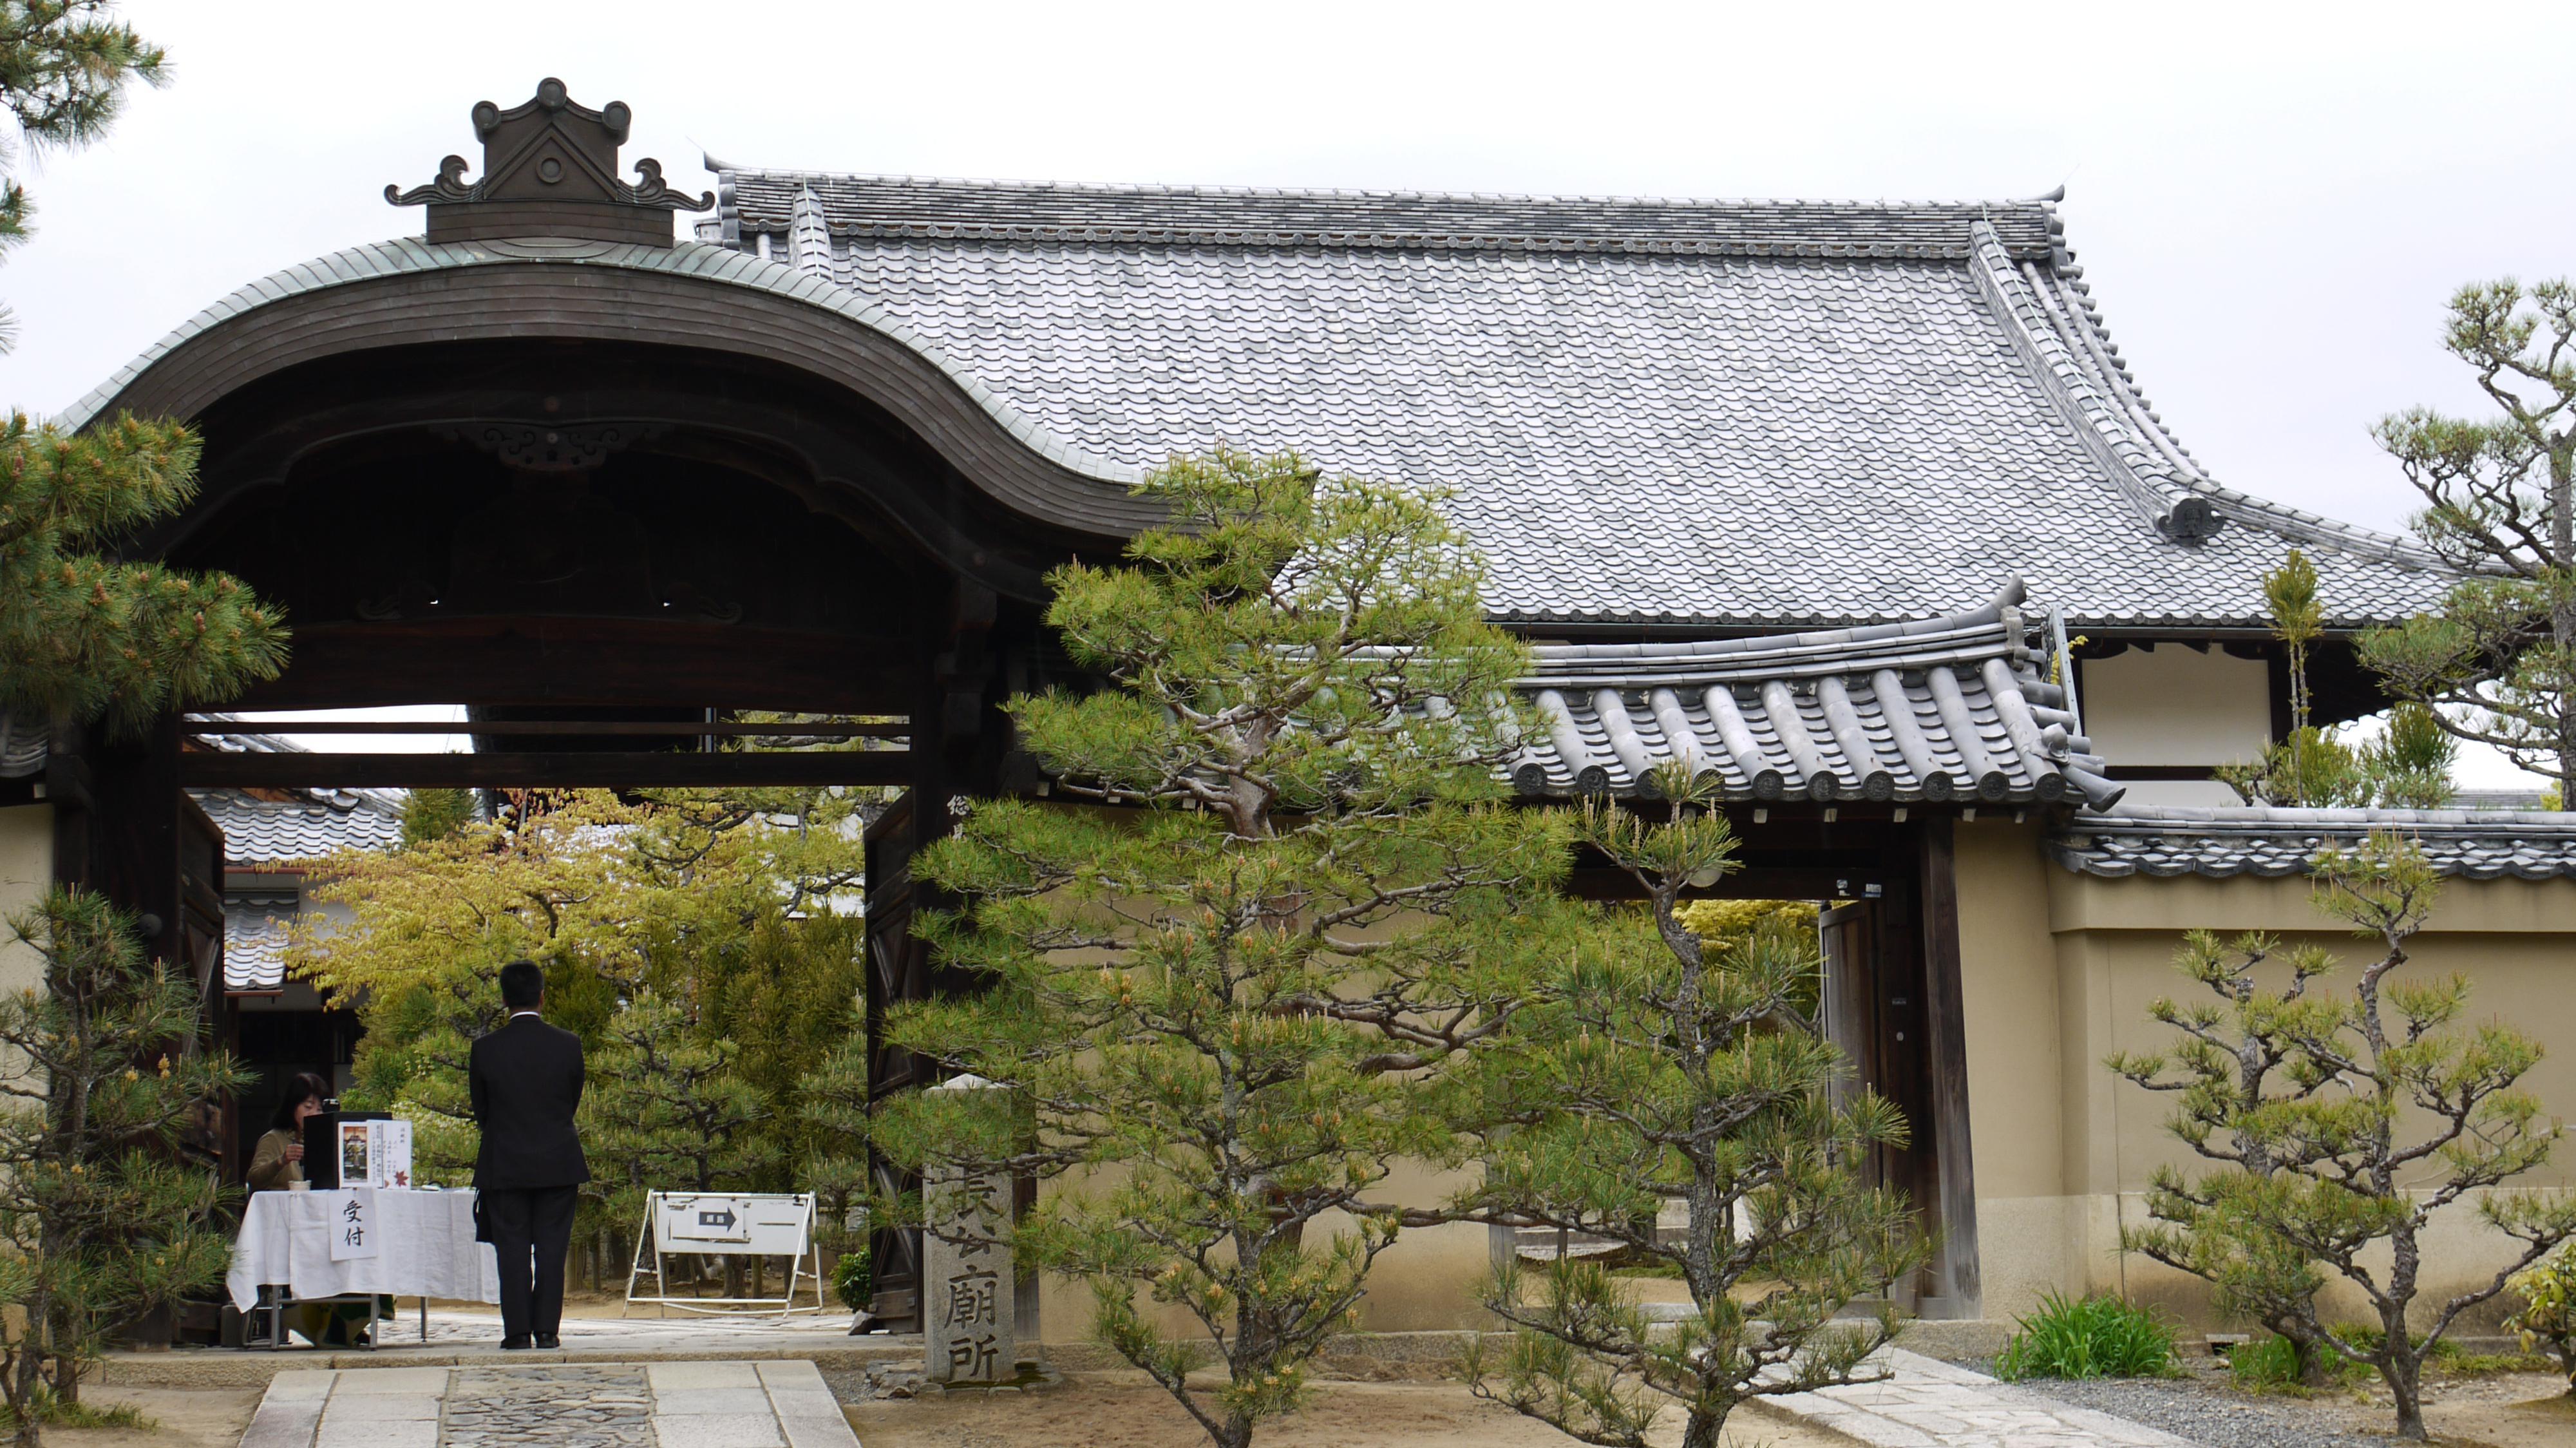 大徳寺の建物その他(京都府北大路駅)